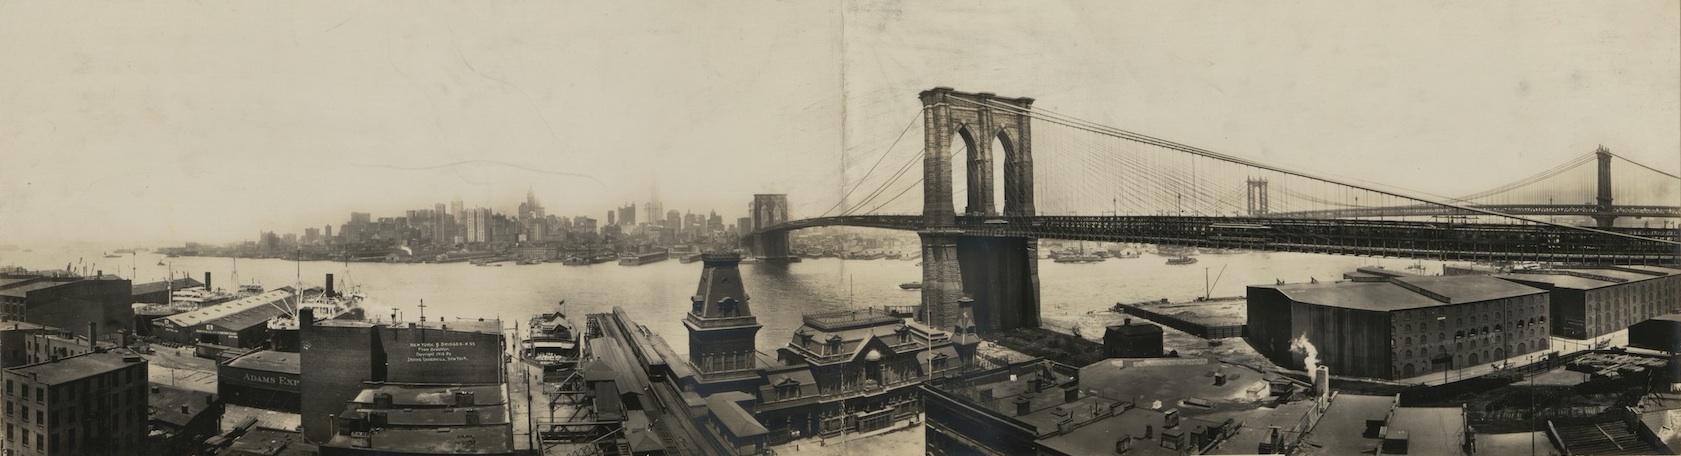 Underhill panorama 1919.jpg